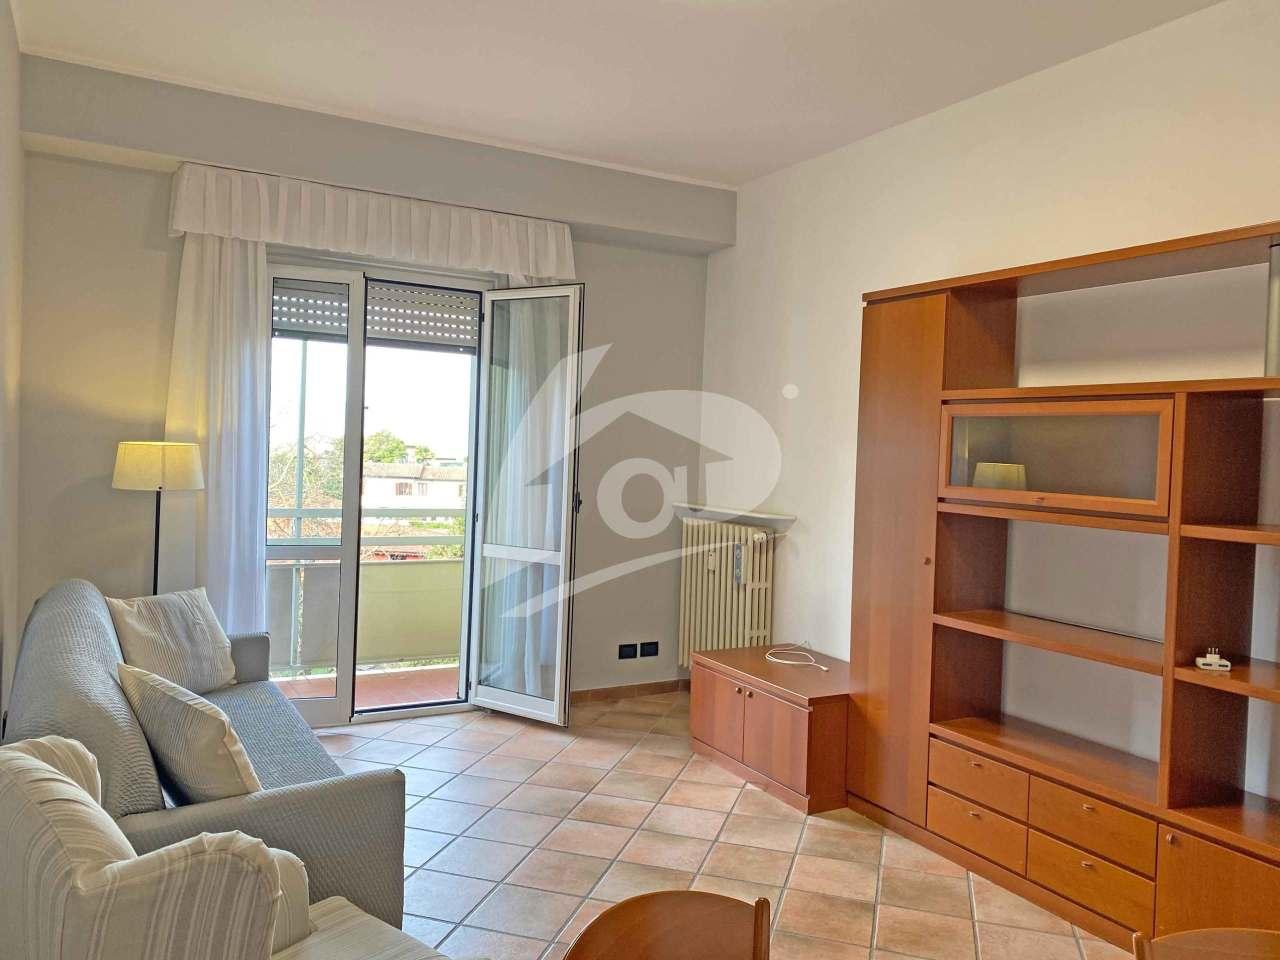 Appartamento in affitto a Leggiuno, 3 locali, prezzo € 550 | PortaleAgenzieImmobiliari.it